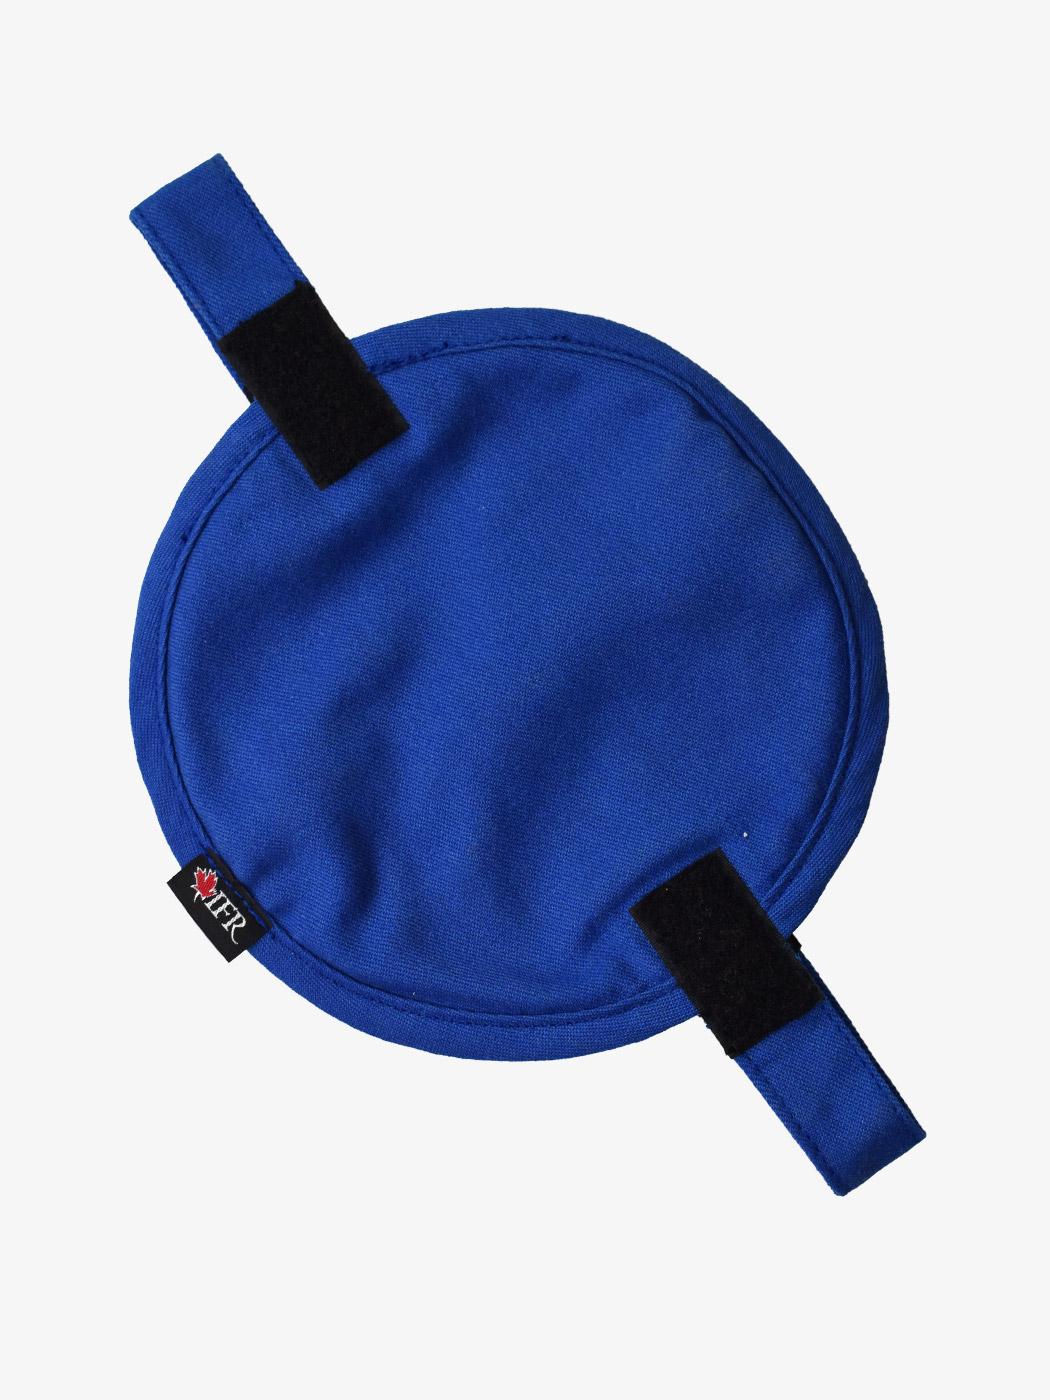 FR Cooling Hard Hat Liner – Style 183